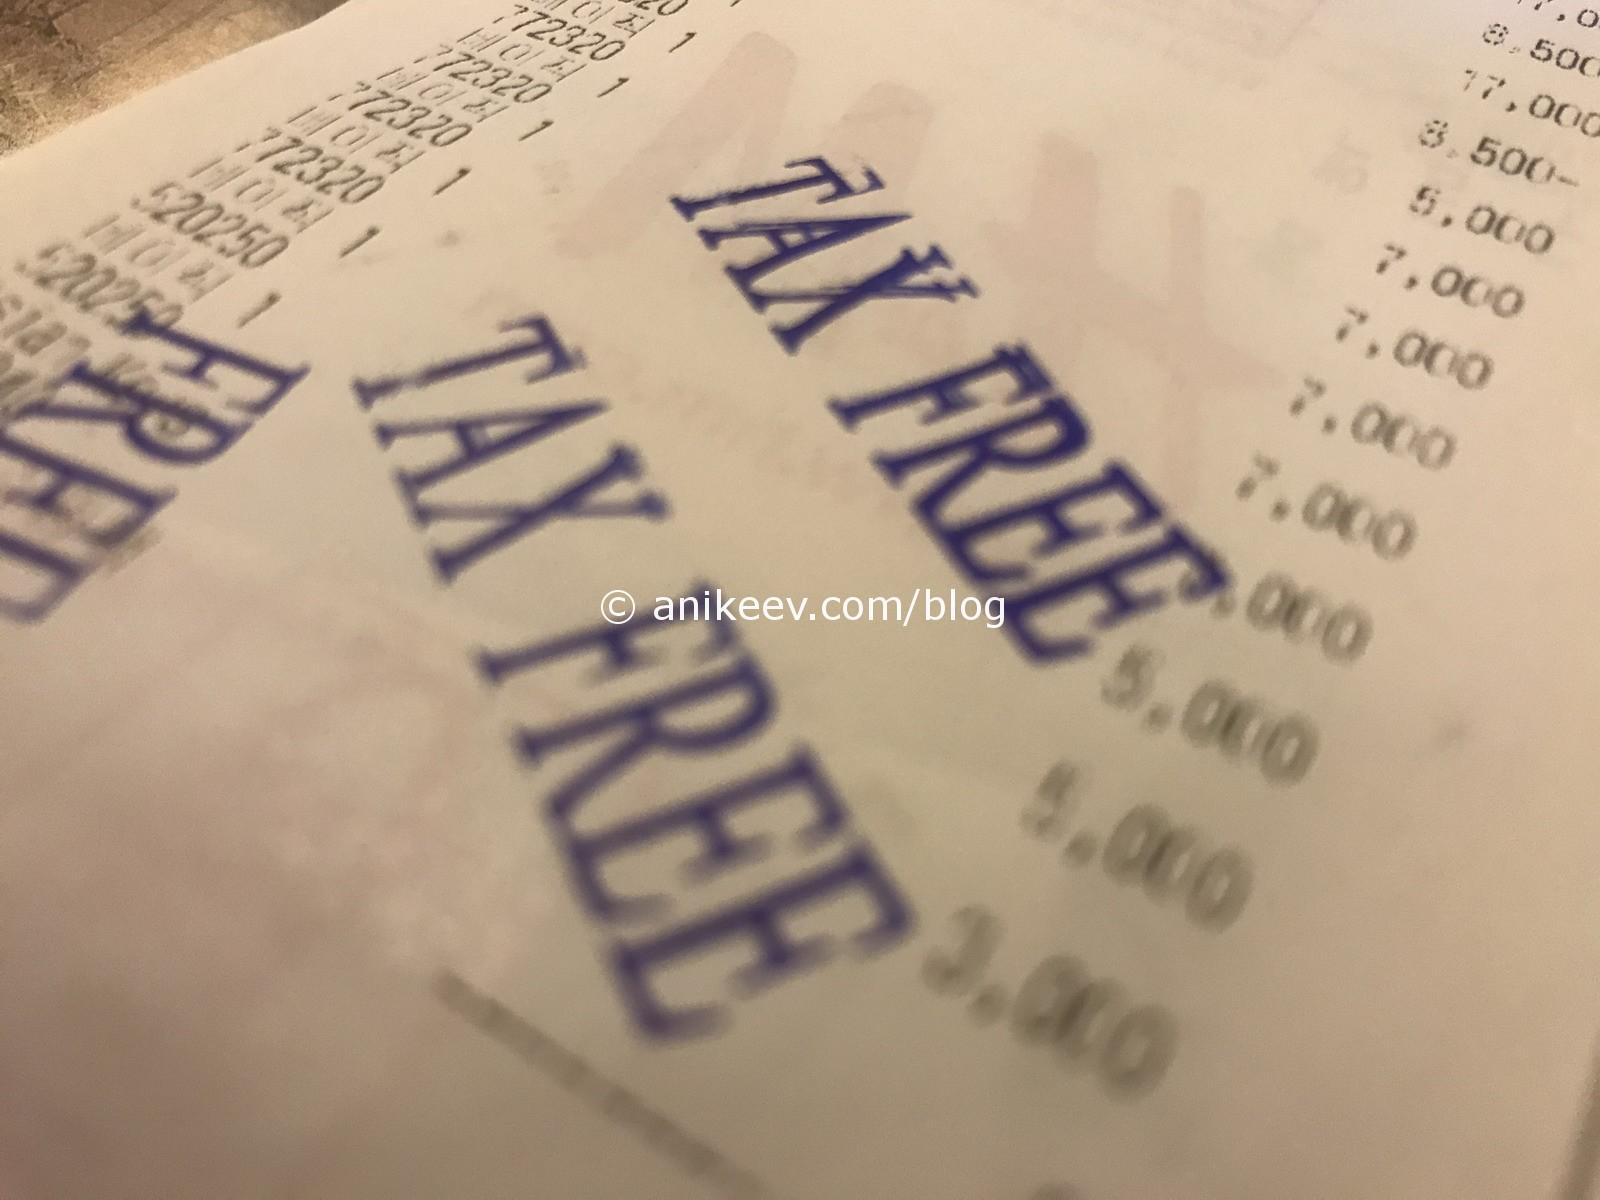 Чеки для налоговой Свободный проспект пакет документов для получения кредита Съезжинский переулок